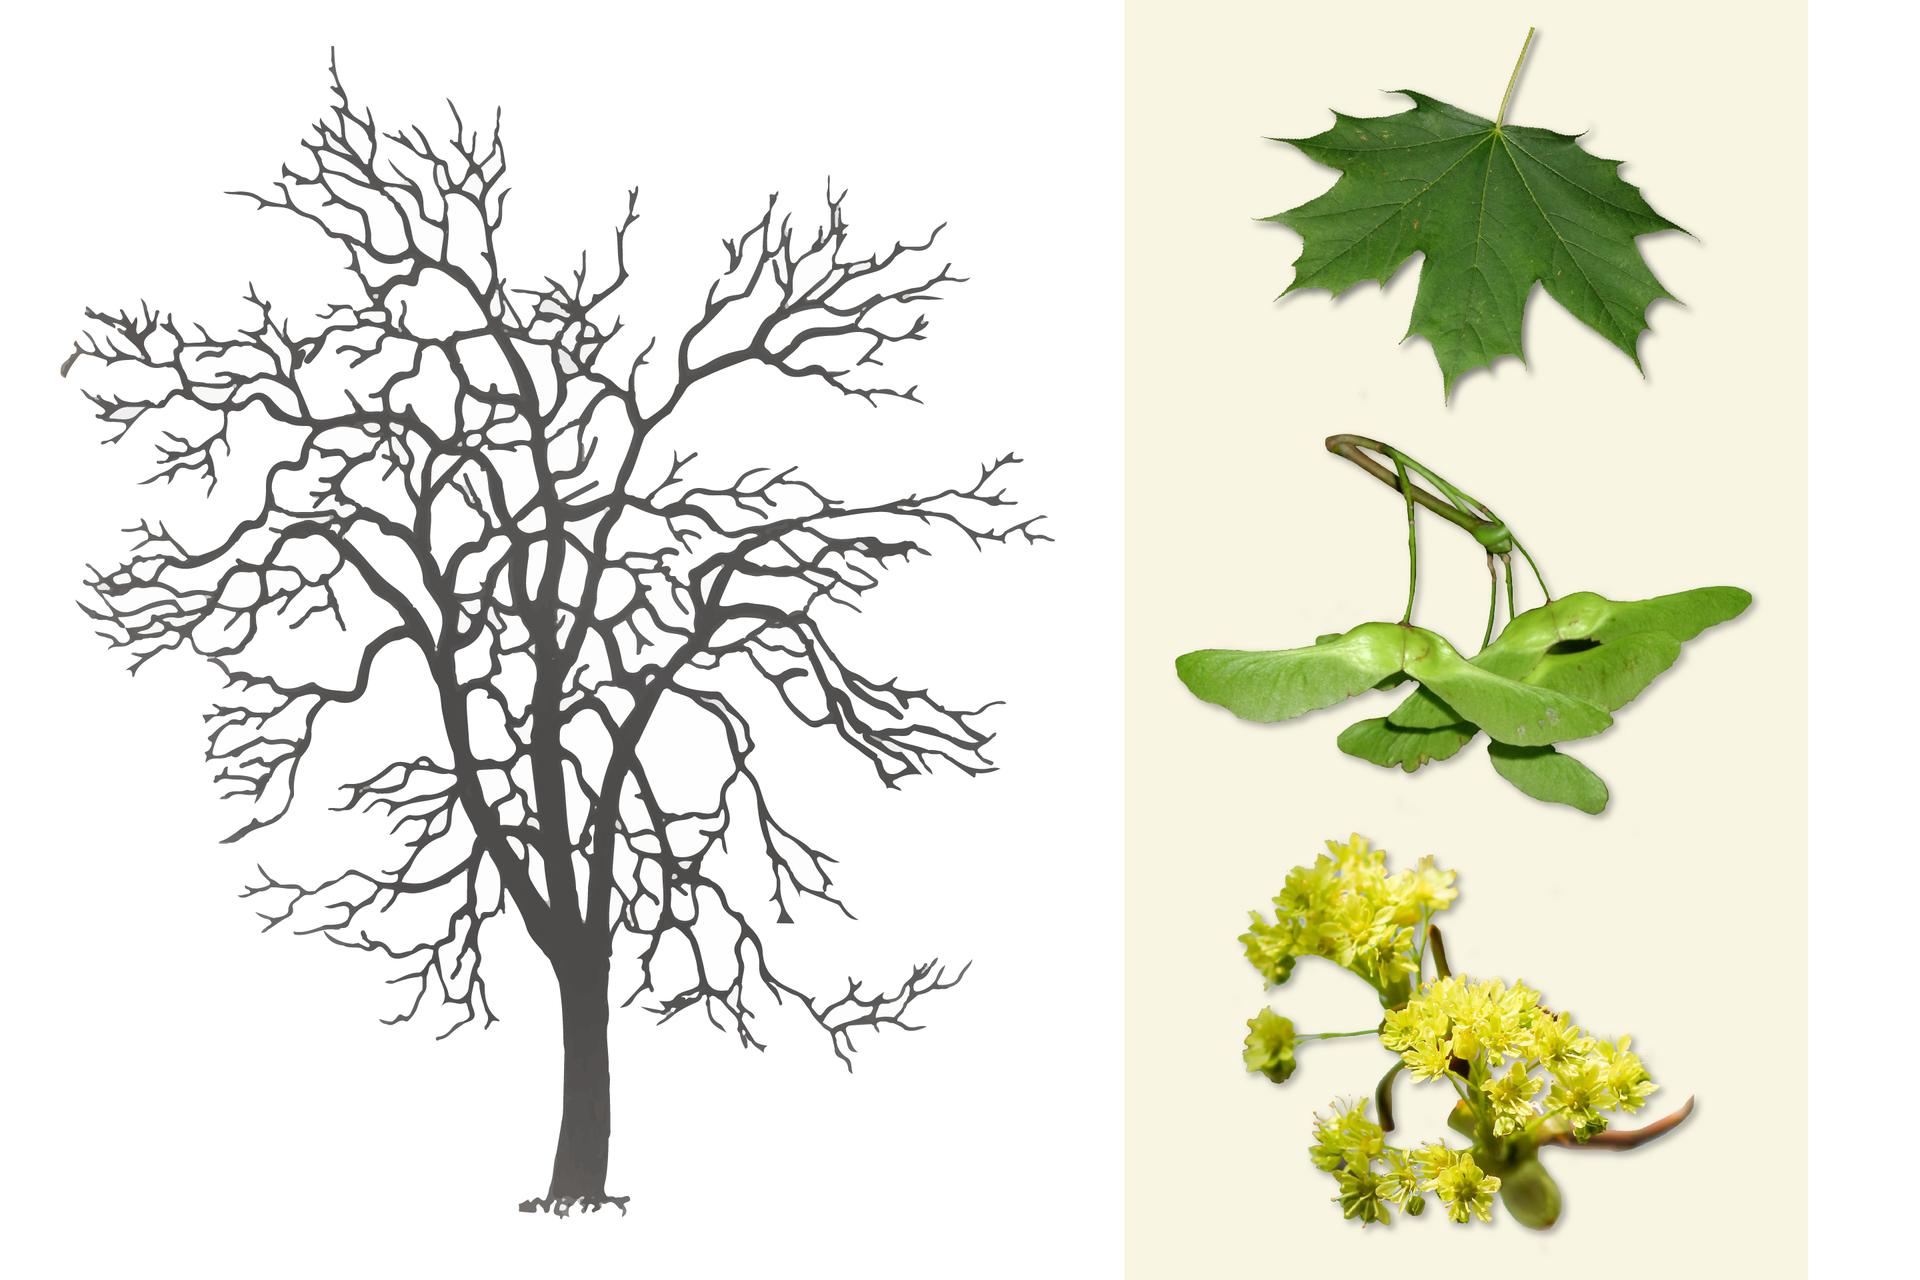 Ilustracja przedstawia ciemno szarą sylwetkę klonu. Po prawej od góry: pojedynczy ciemno zielonymi liść. Wśrodku zbliżenie owoców klonu, złączonych po dwa izwisających na długich ogonkach zgałązki. Poniżej gałązka zżółtymi, wzniesionymi, drobnymi kwiatami klonu.